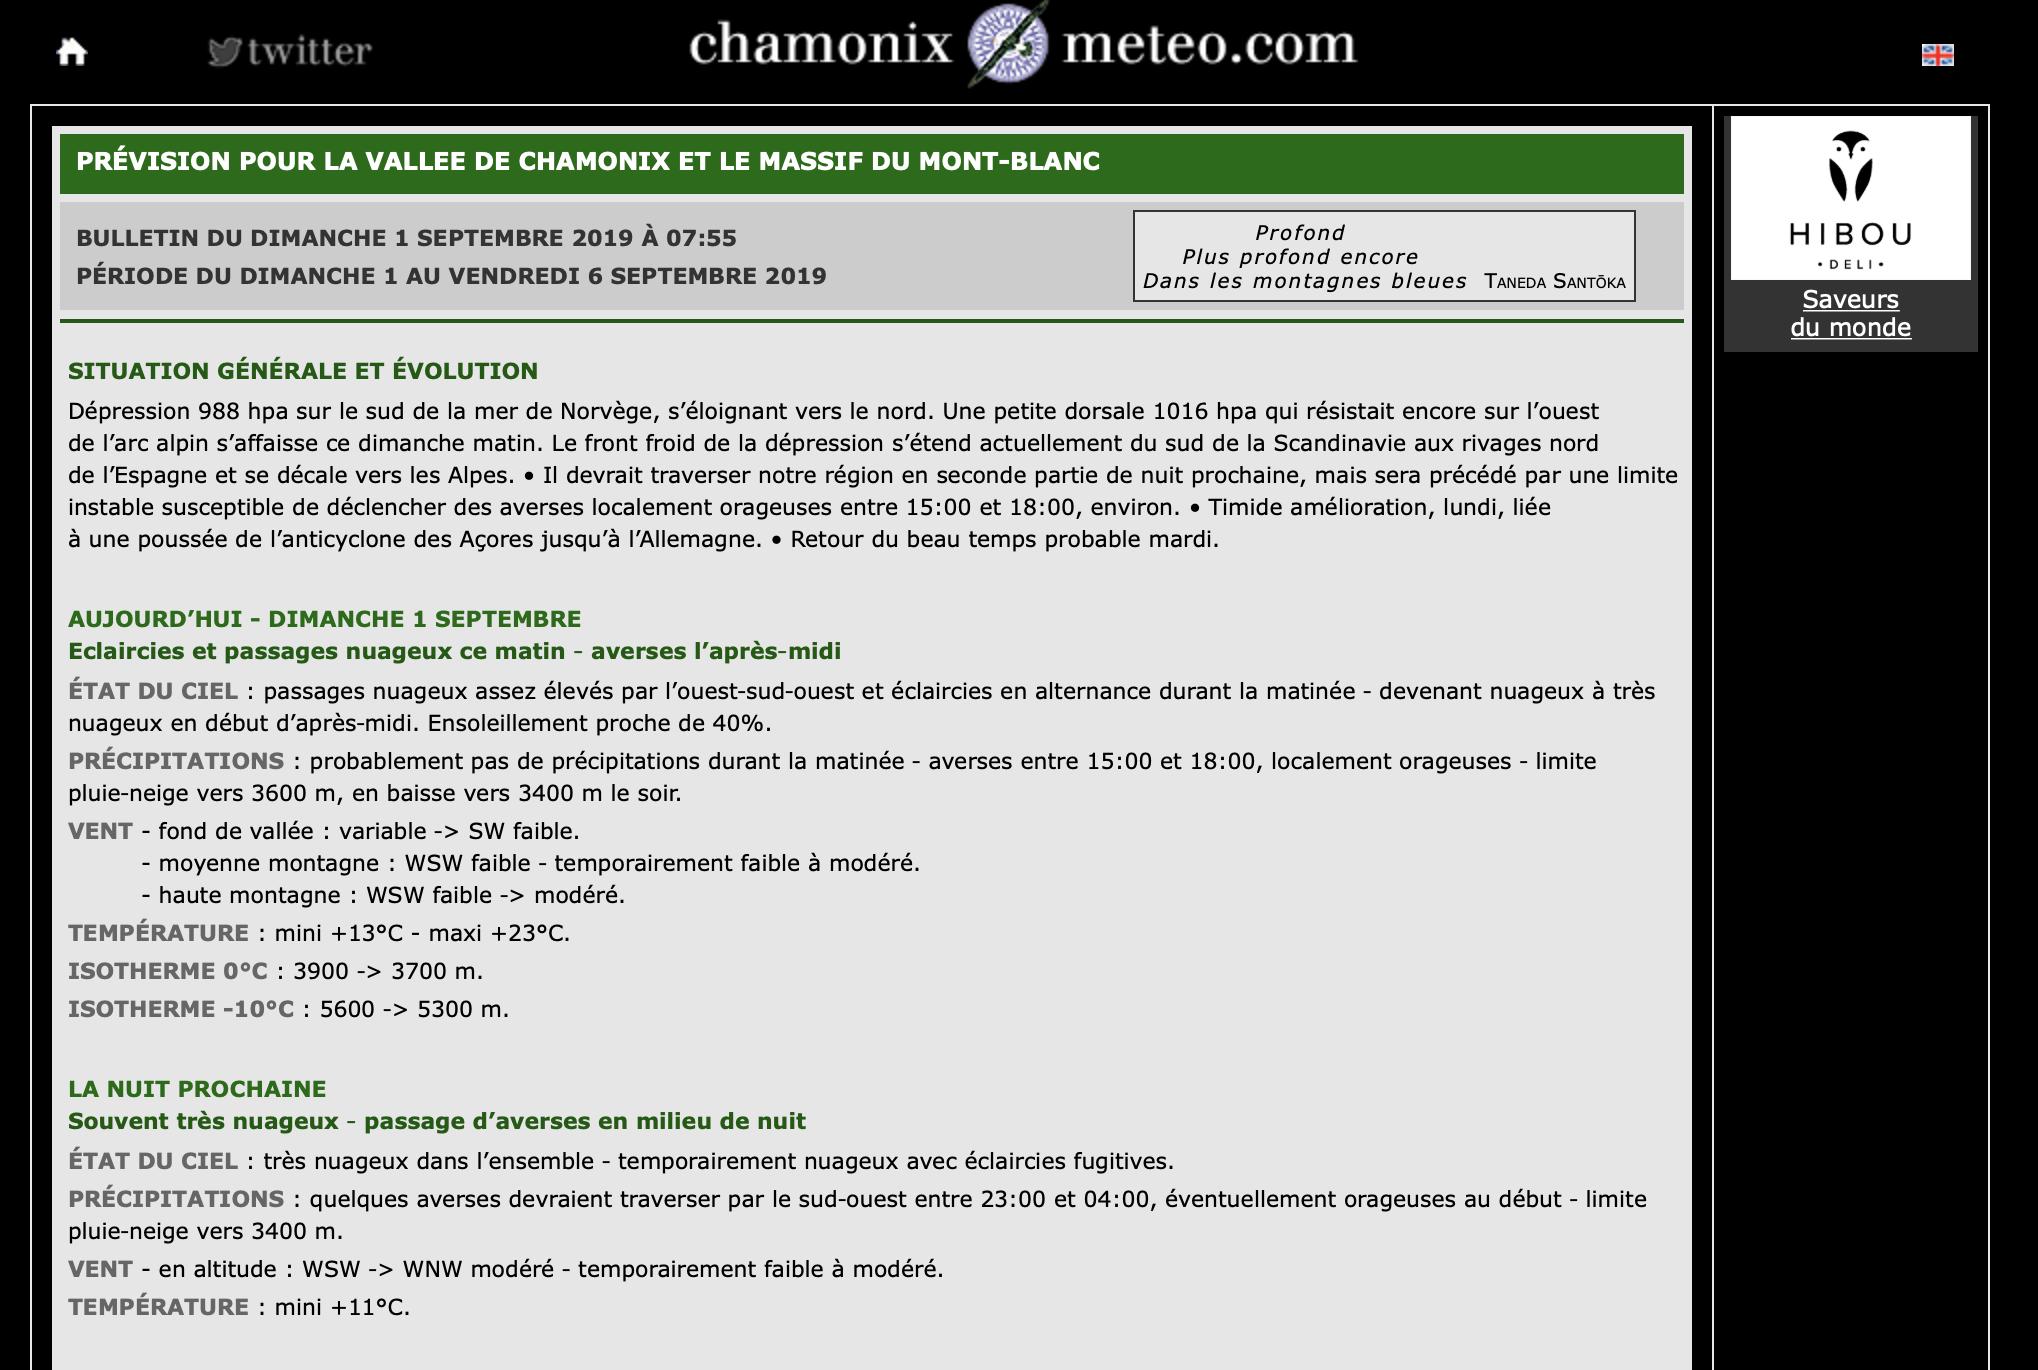 Prévisions selon Chamonix Météo